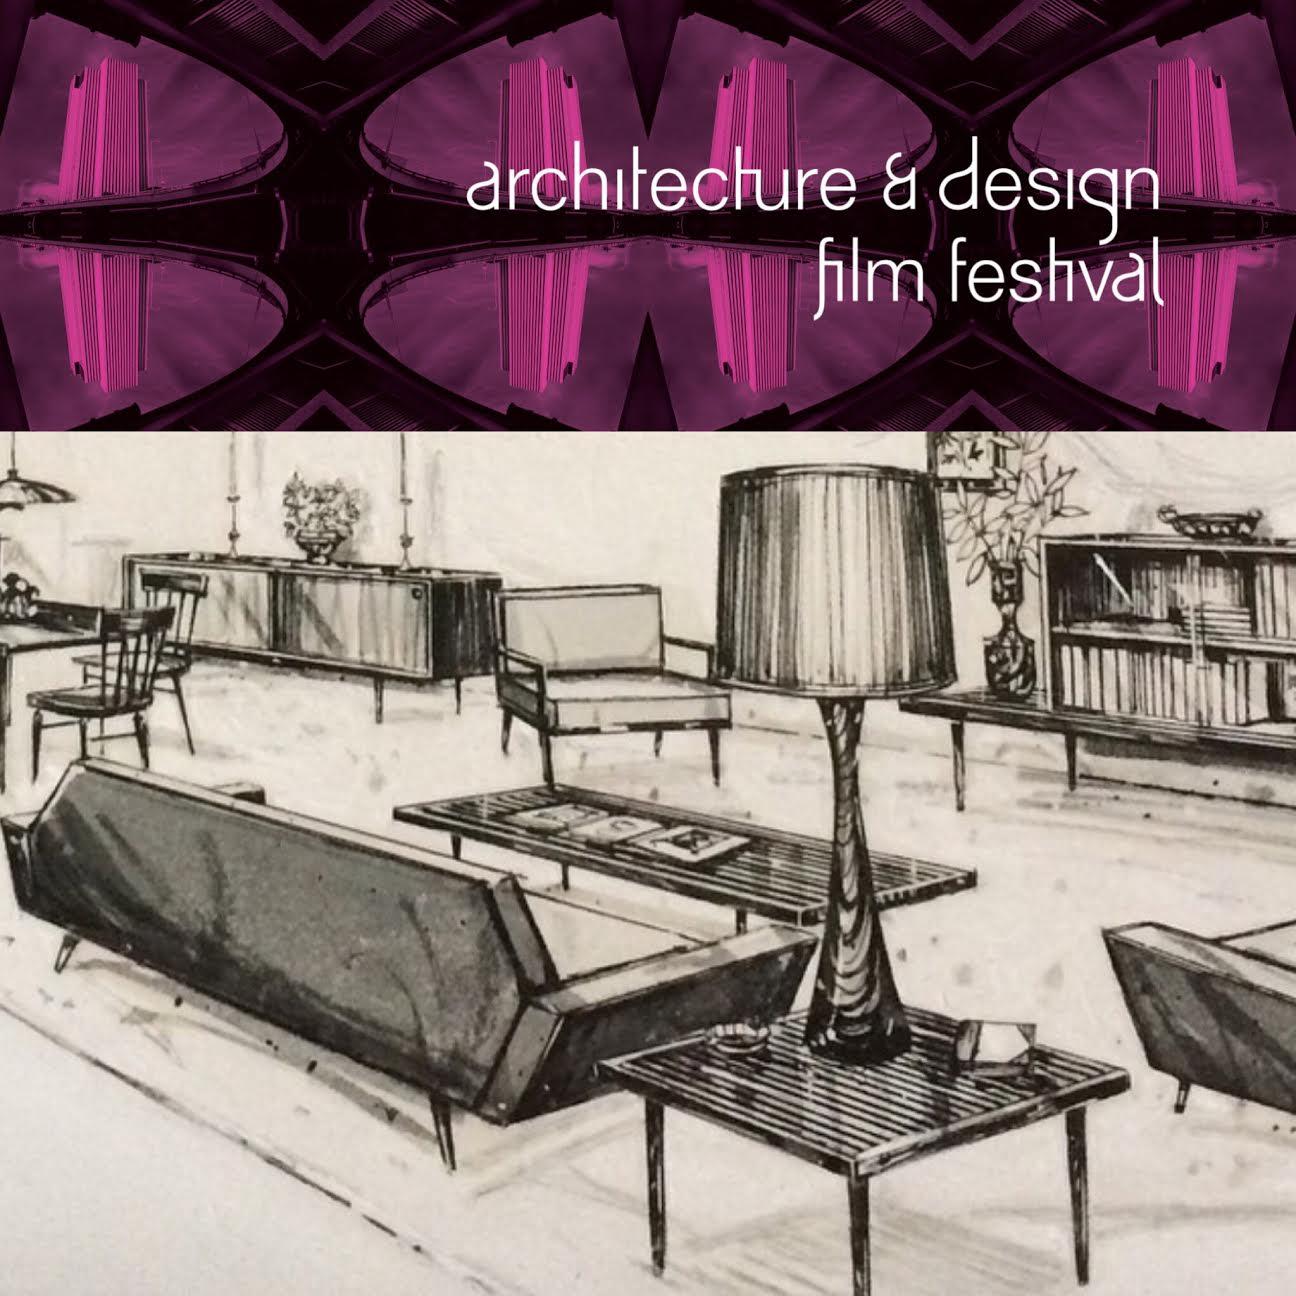 architecture-and-design-film-festival